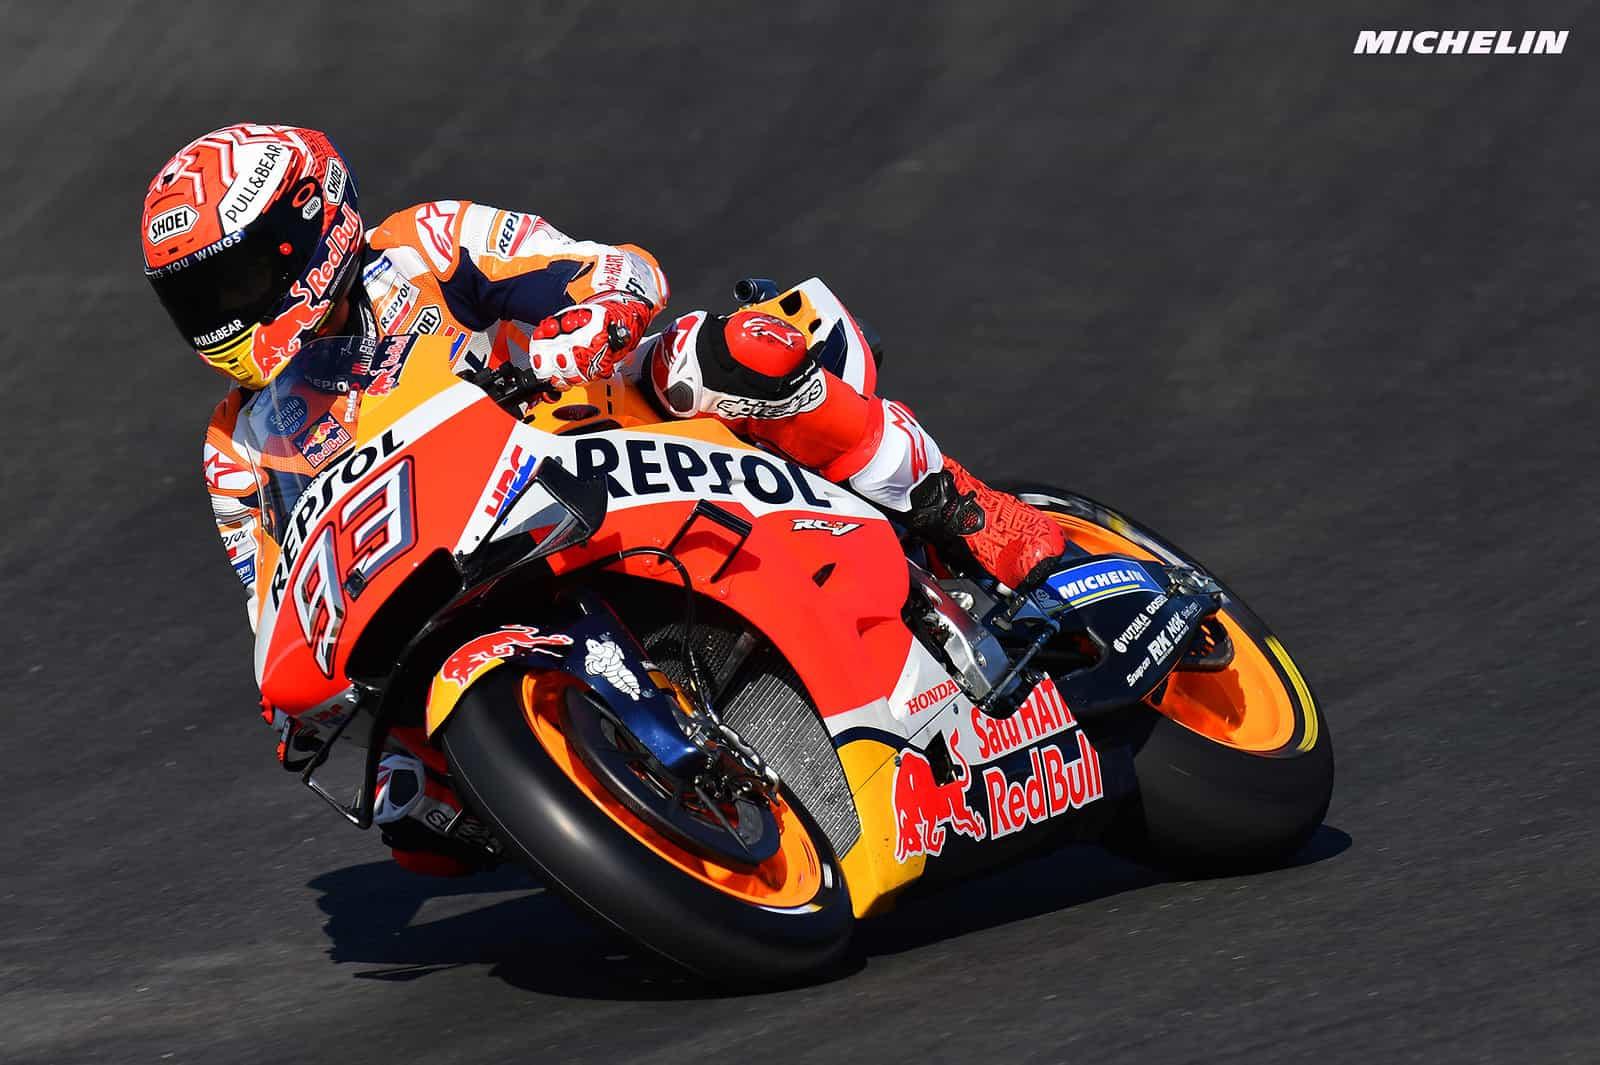 MotoGP2019フランスGP マルク・マルケス「あらゆるコンディションへの対応が必要」